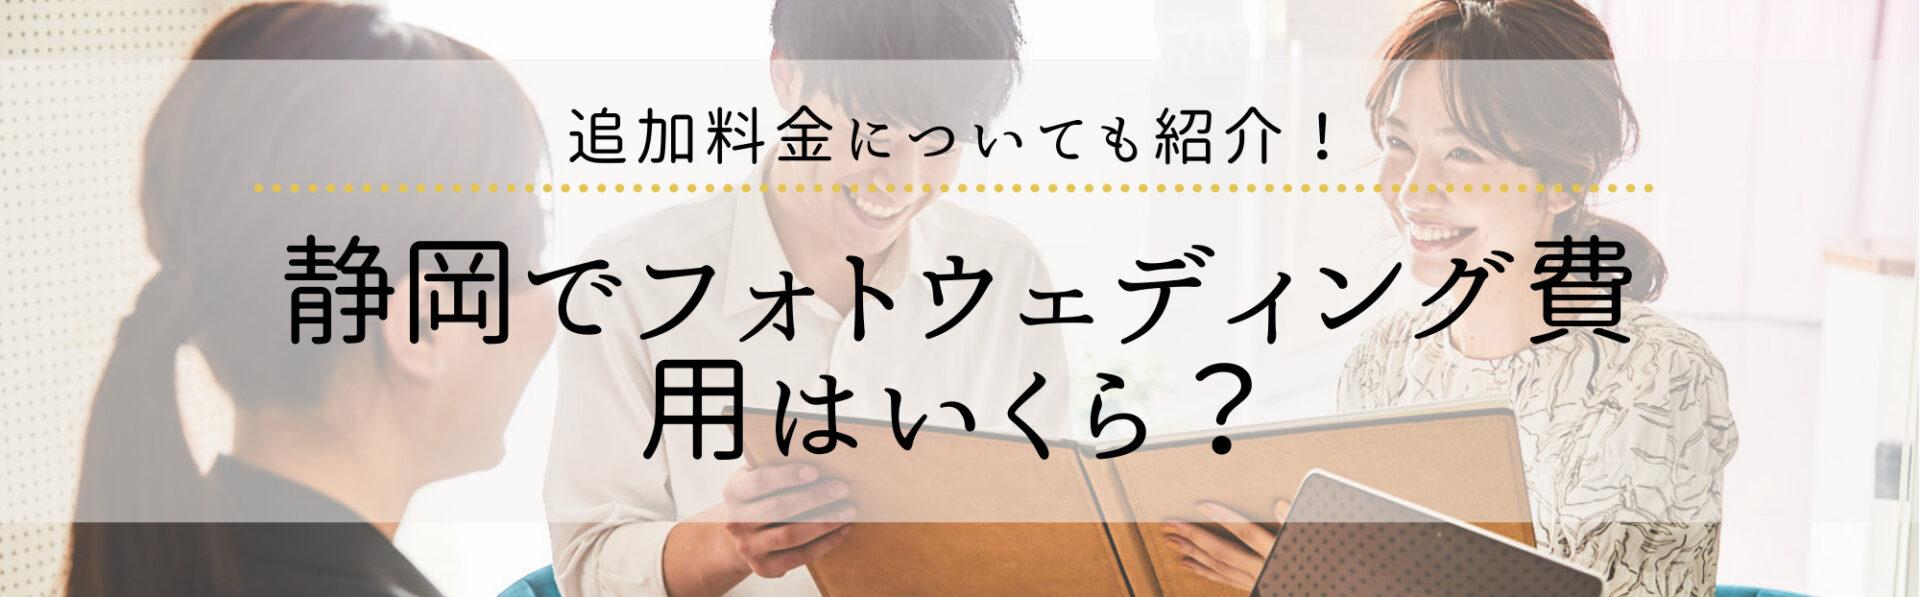 静岡でフォトウェディング費用はいくら?追加料金についても紹介!